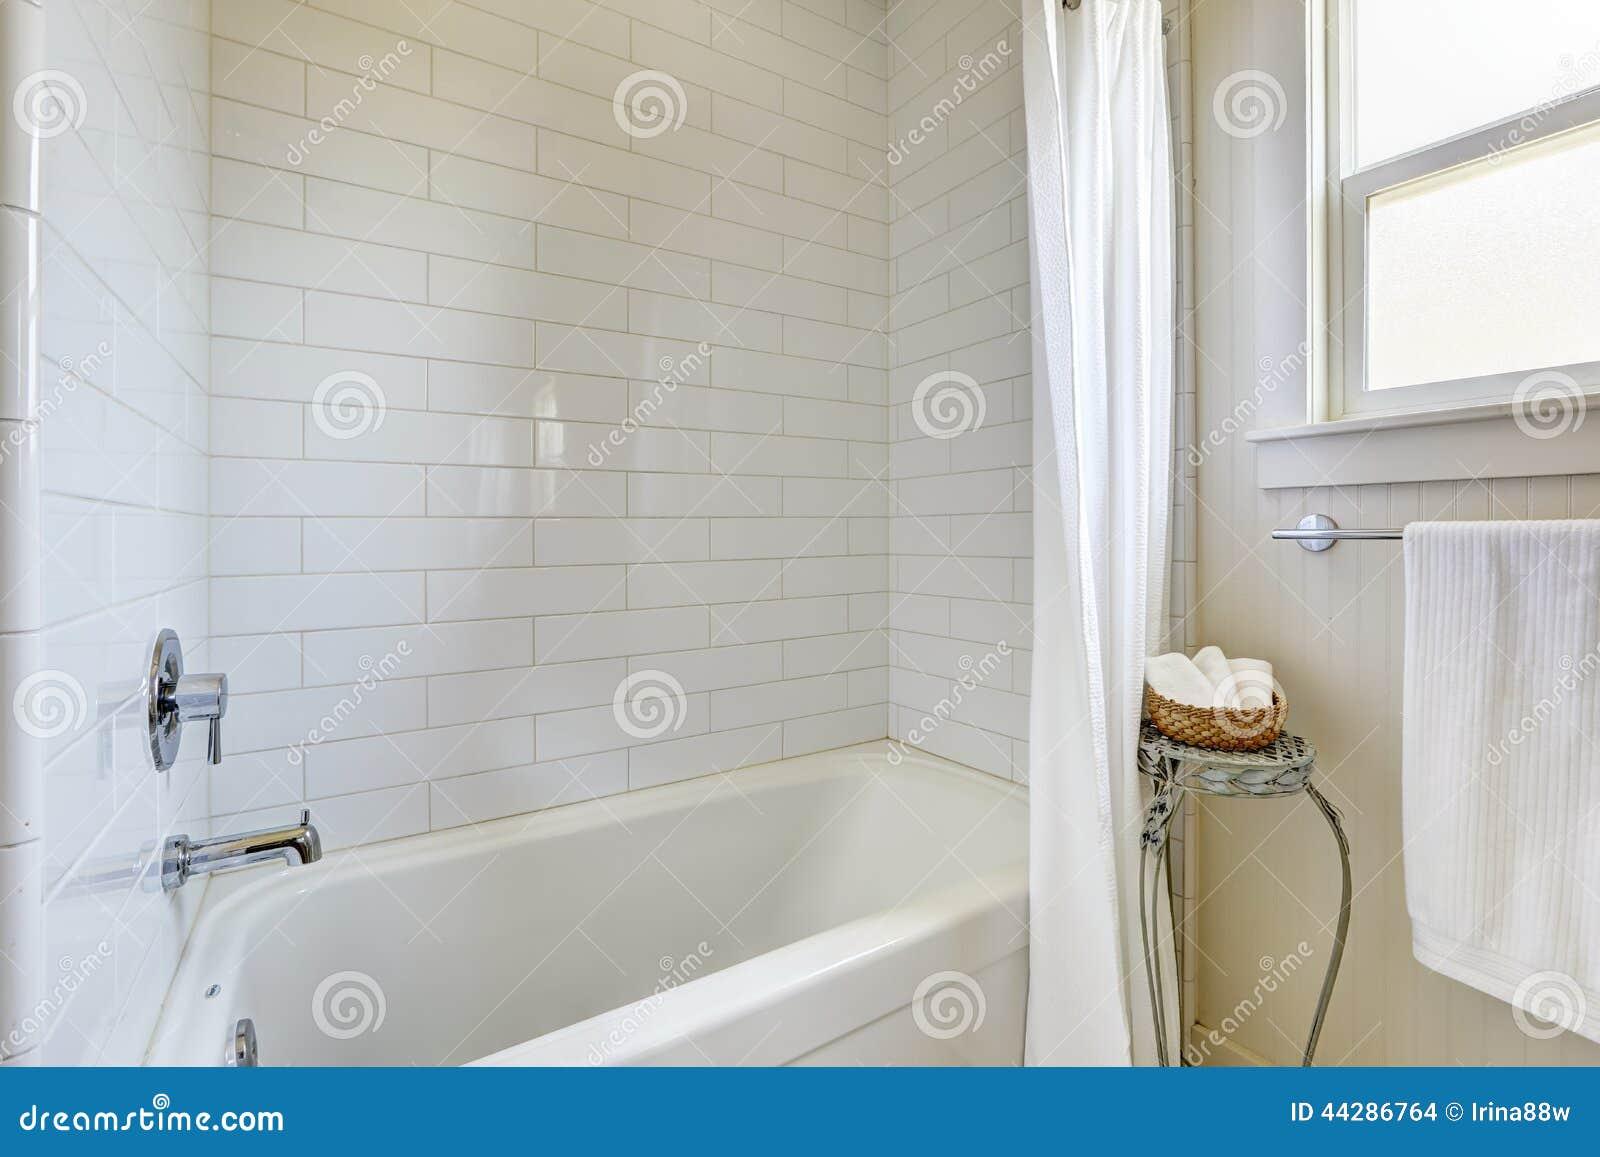 Salle De Bains Simple Avec L Quilibre Et La Baignoire De Mur De